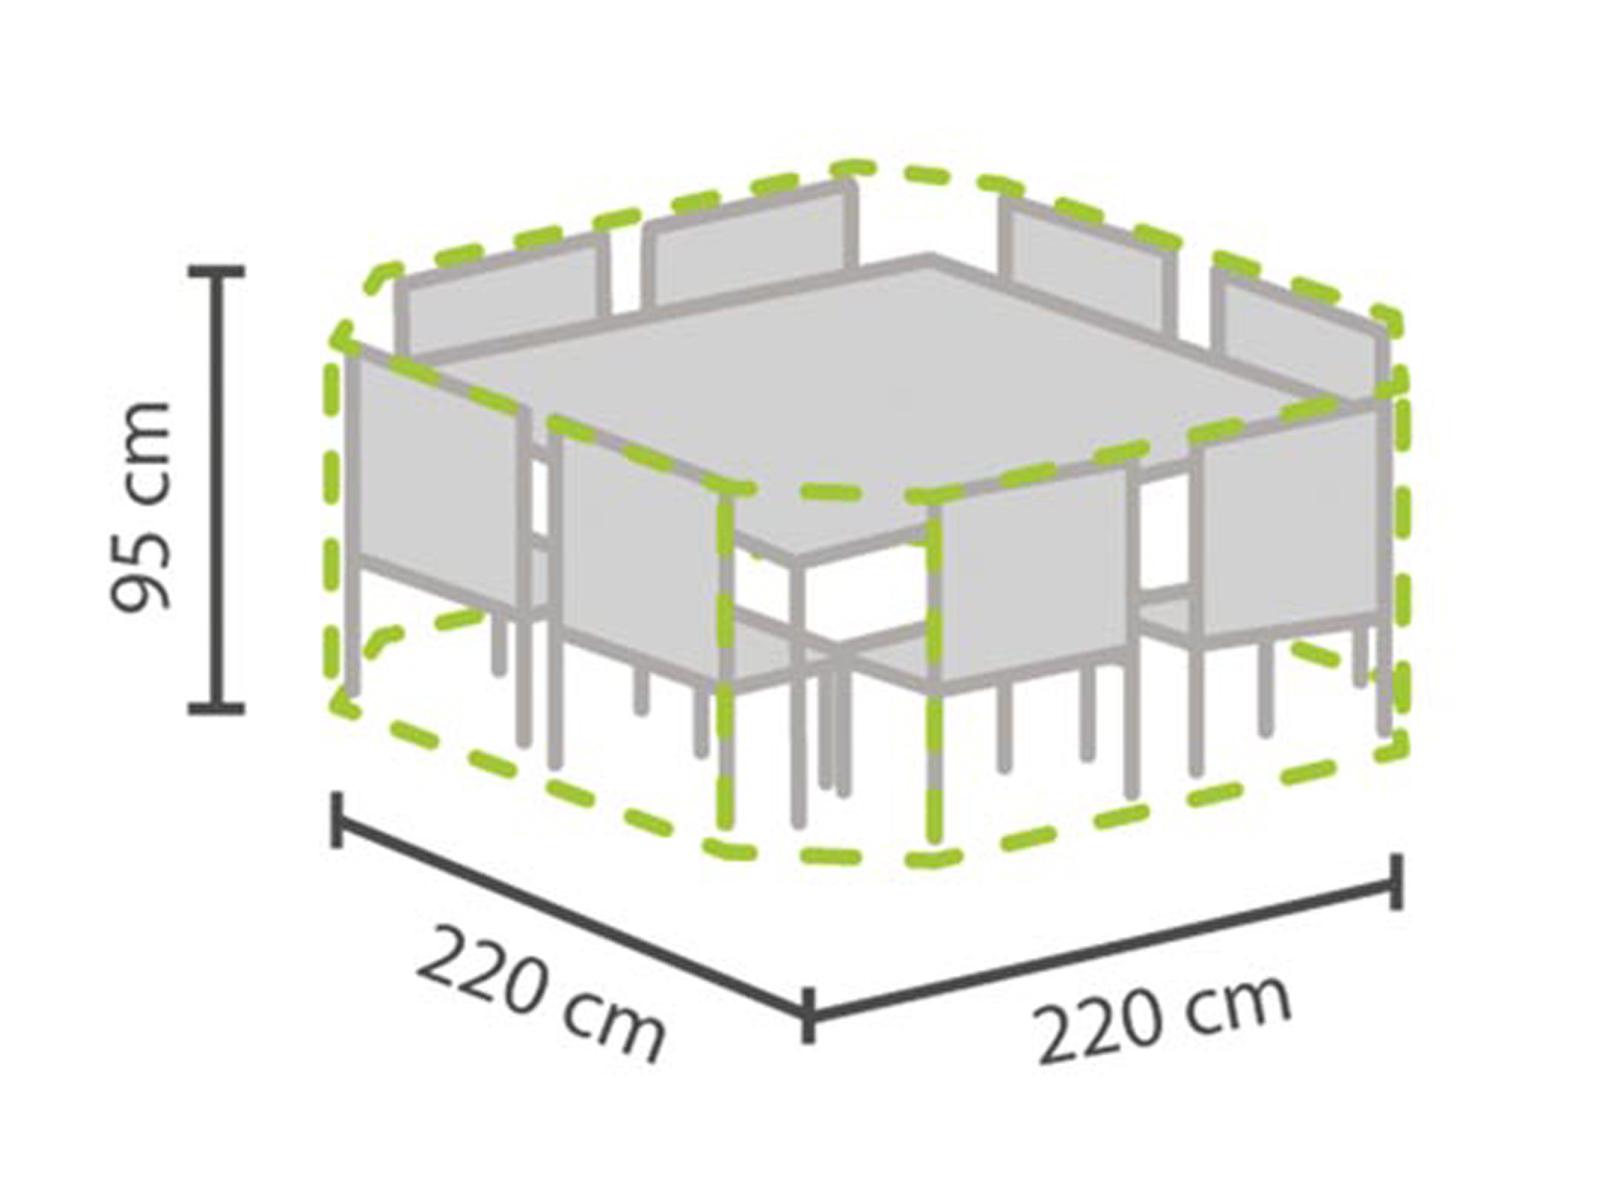 Das Bild Wird Geladen Gartenmoebel Abdeckhaube  Achteckig 220x220cm Wasserfest Schutzhuelle Plane Outdoor